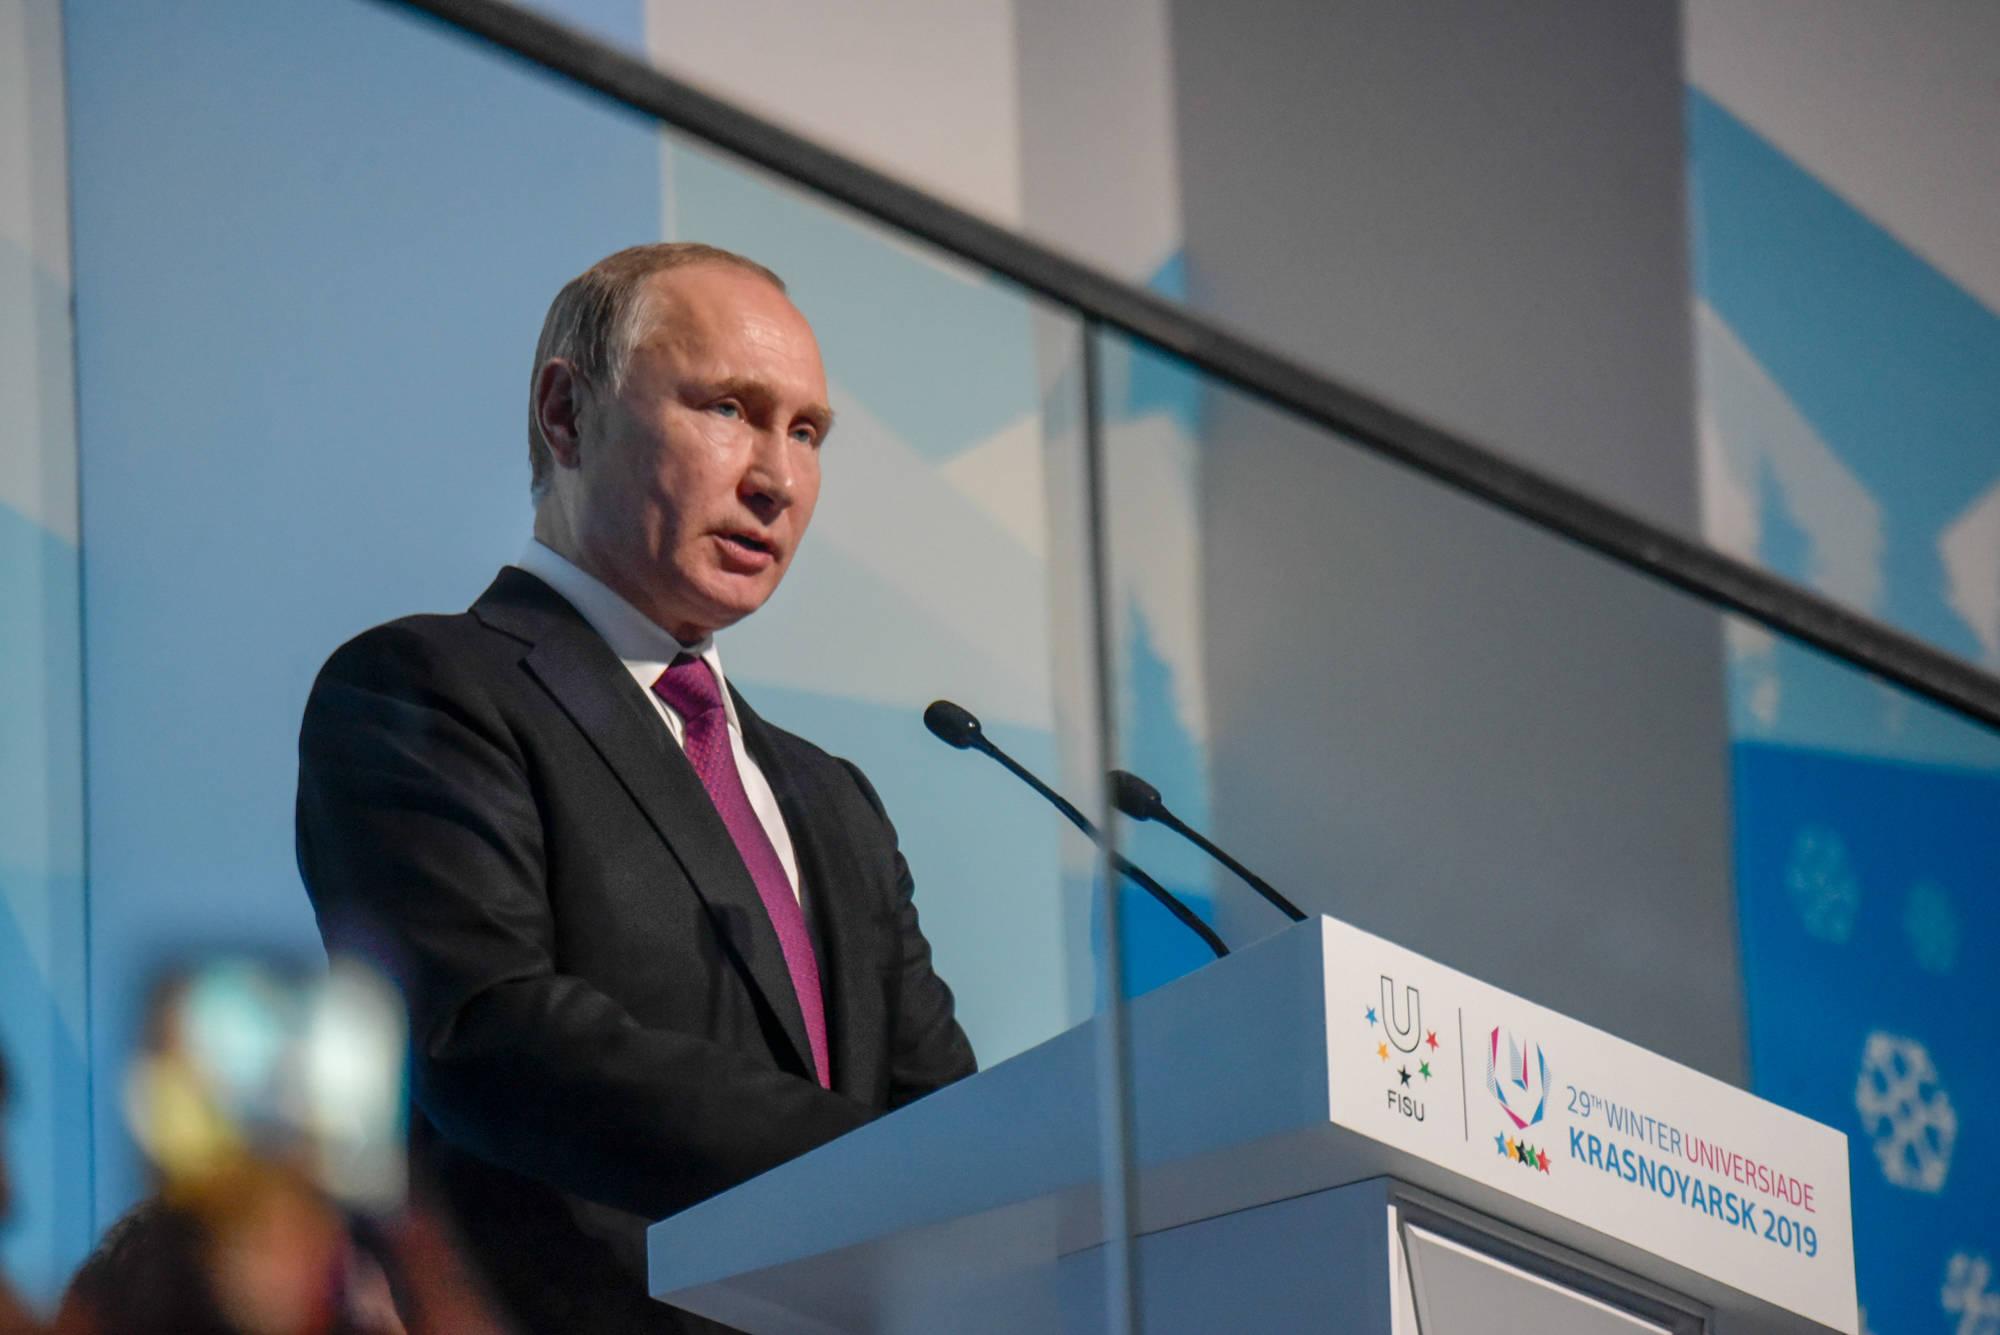 Vladimir Putin Universiade 2019